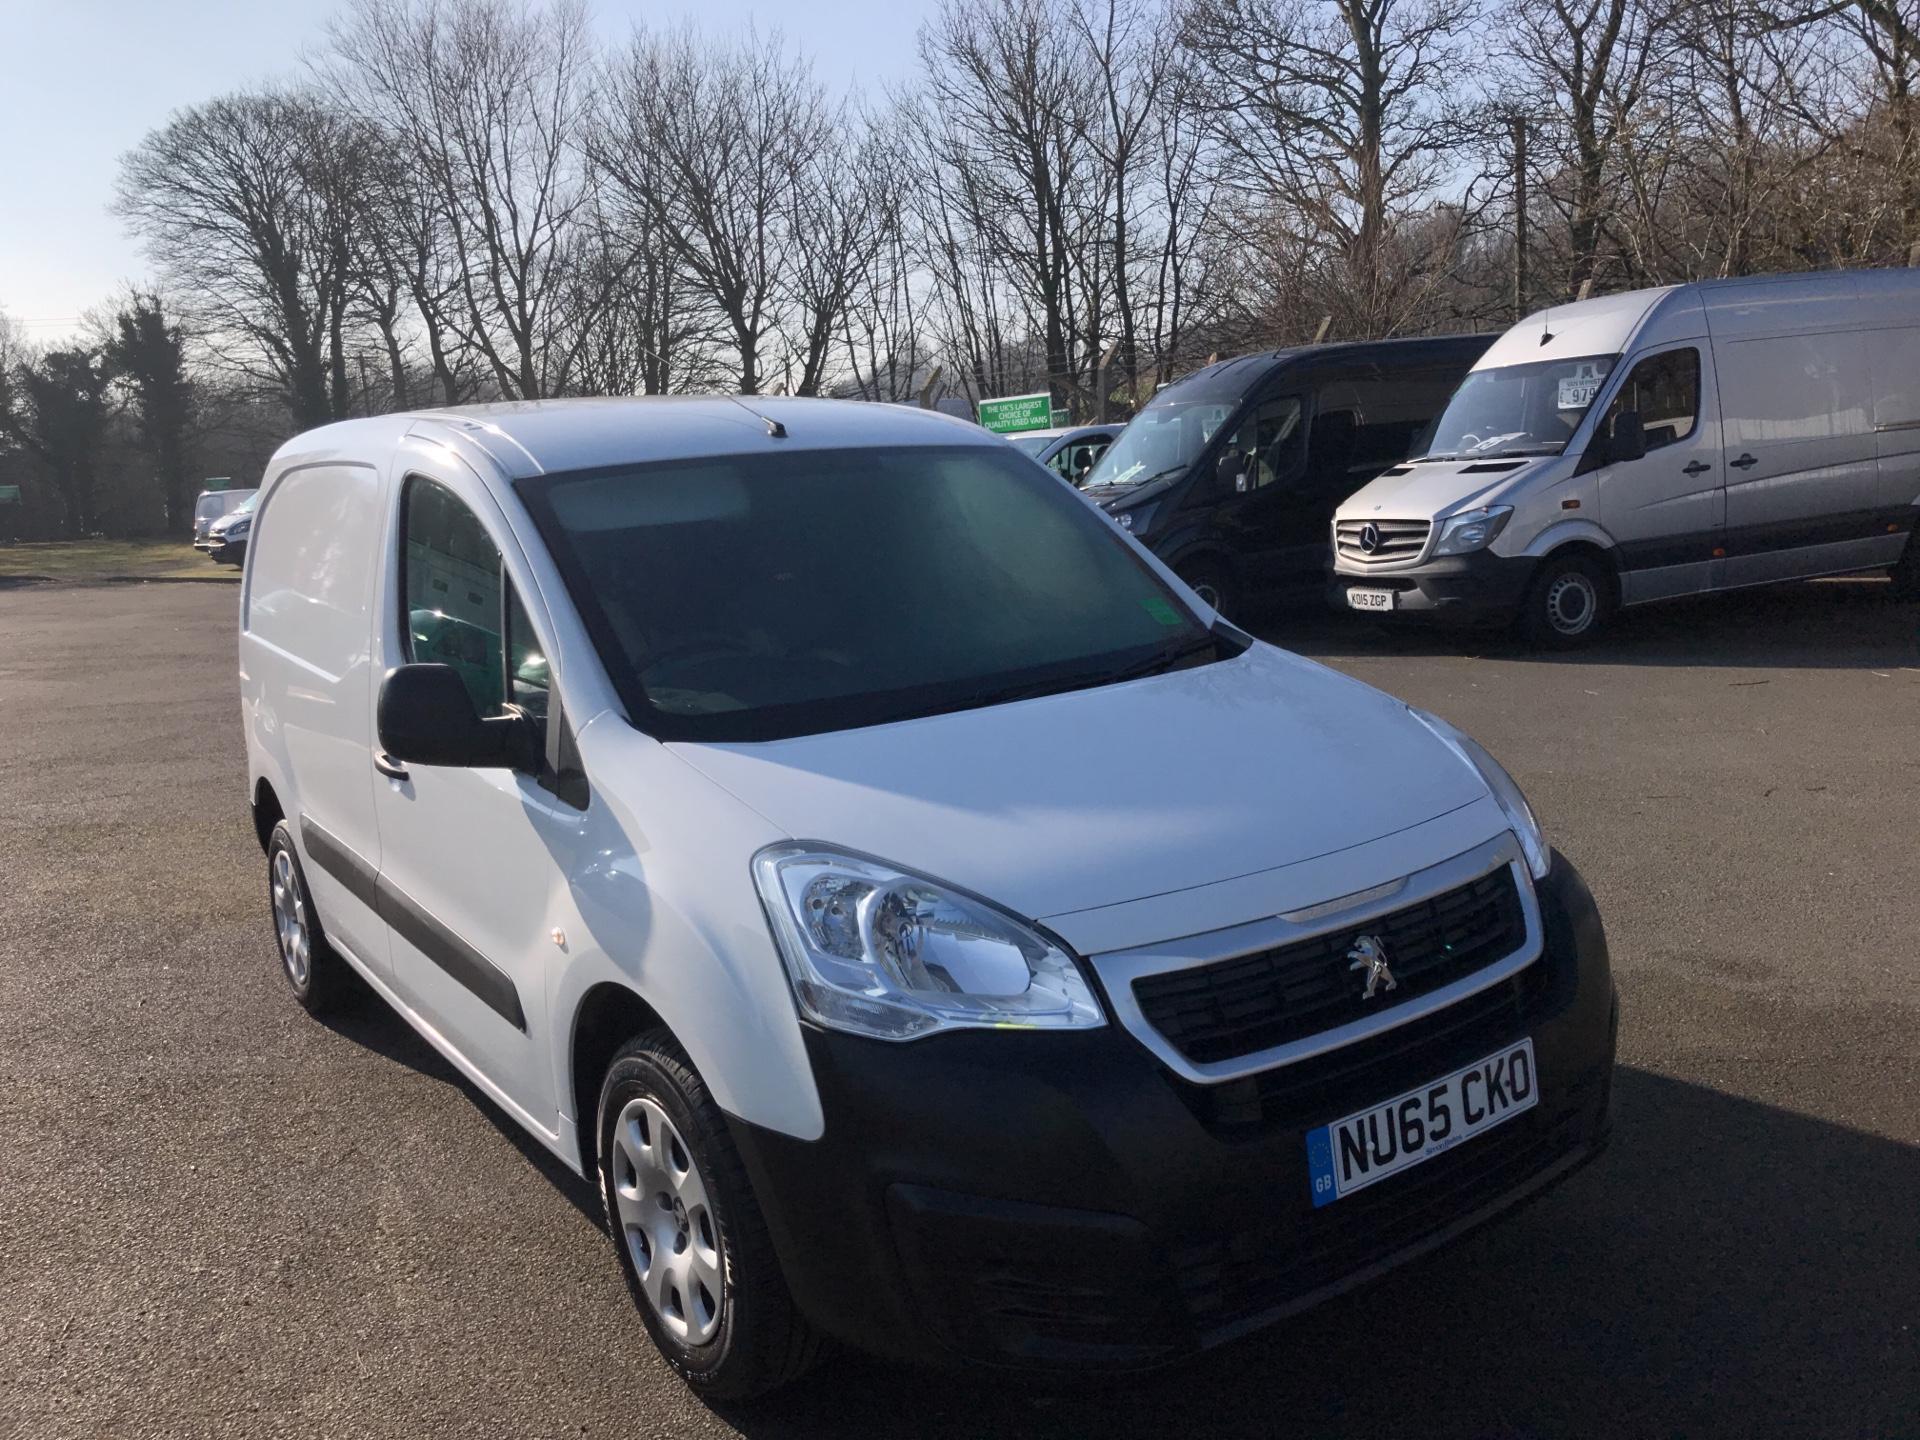 2015 Peugeot Partner L1 850 S 1.6 92PS (SLD) EURO 5 (NU65CKO)